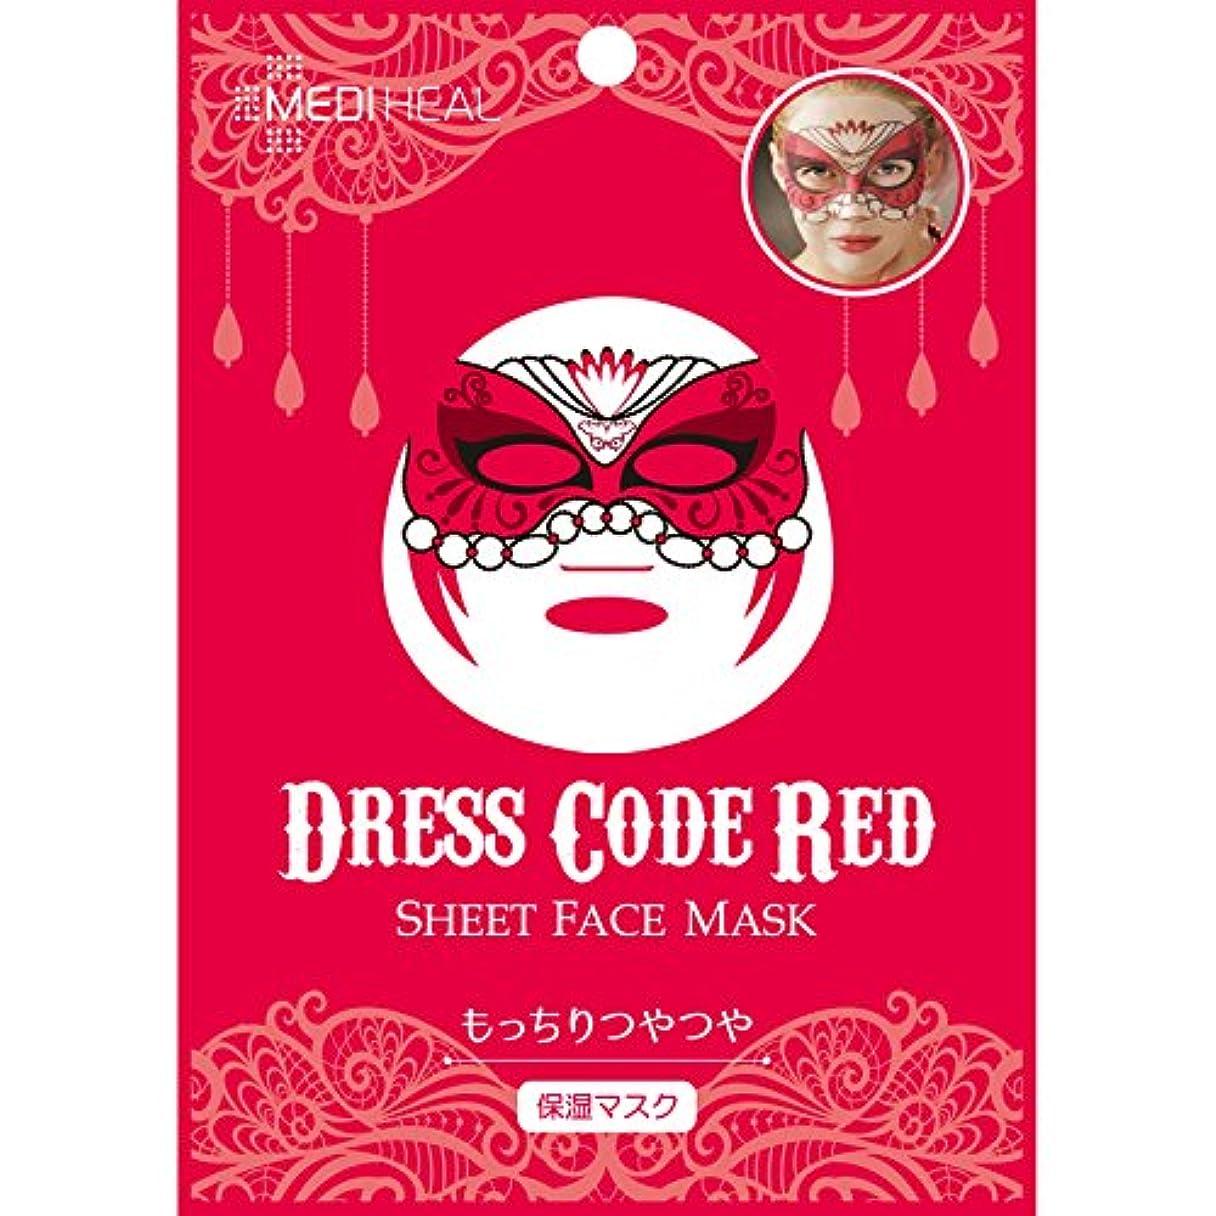 一見豆ネットメディヒル フェイスマスク ドレスコードレッド (27ML/1シート)